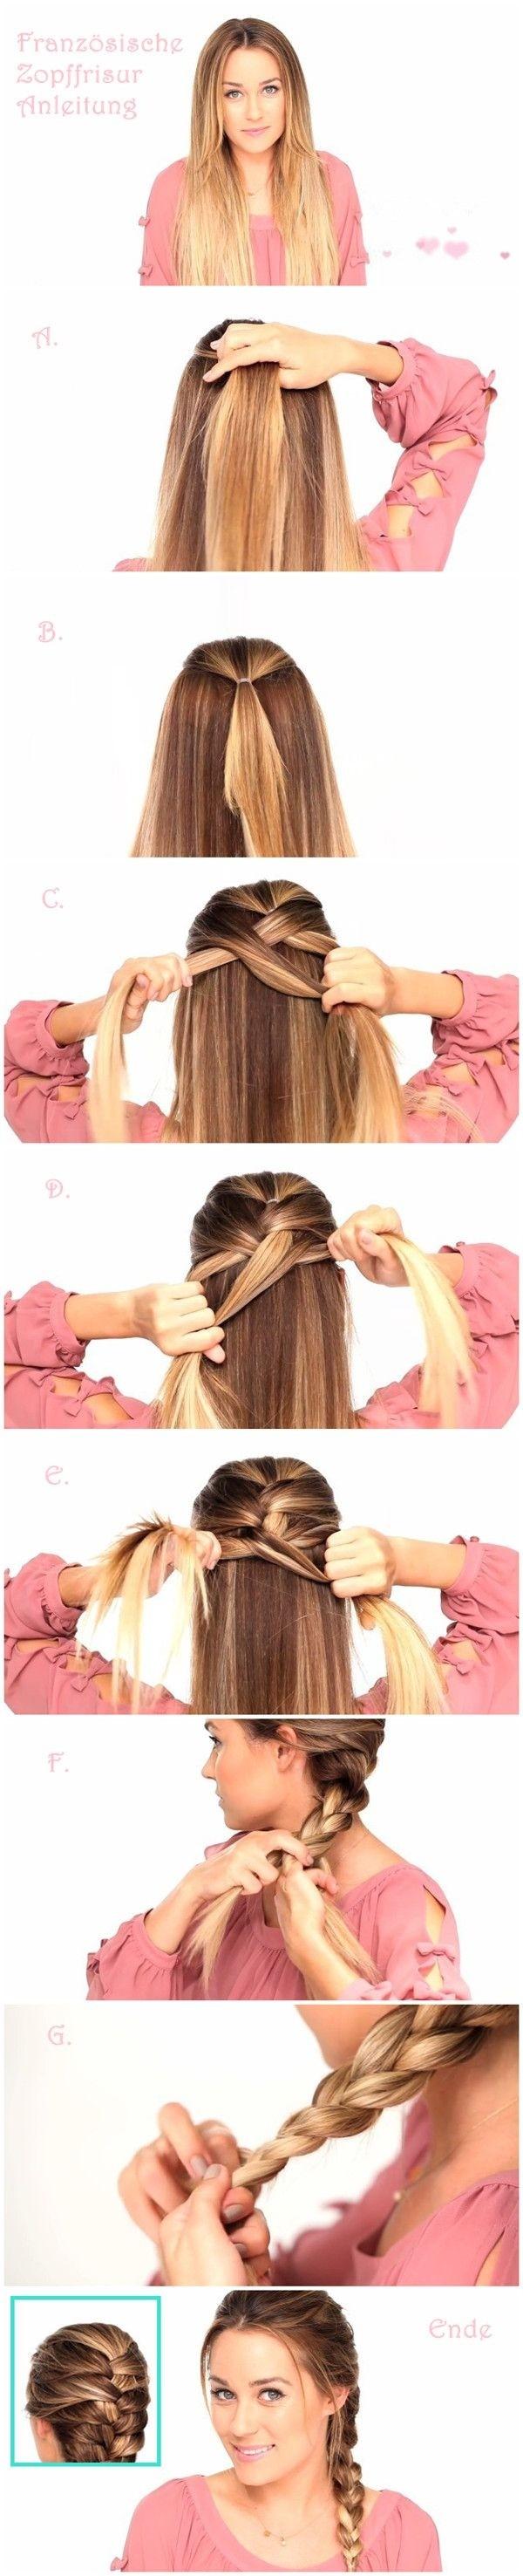 Awe Inspiring 10 French Braids Hairstyles Tutorials Everyday Hair Styles Short Hairstyles Gunalazisus